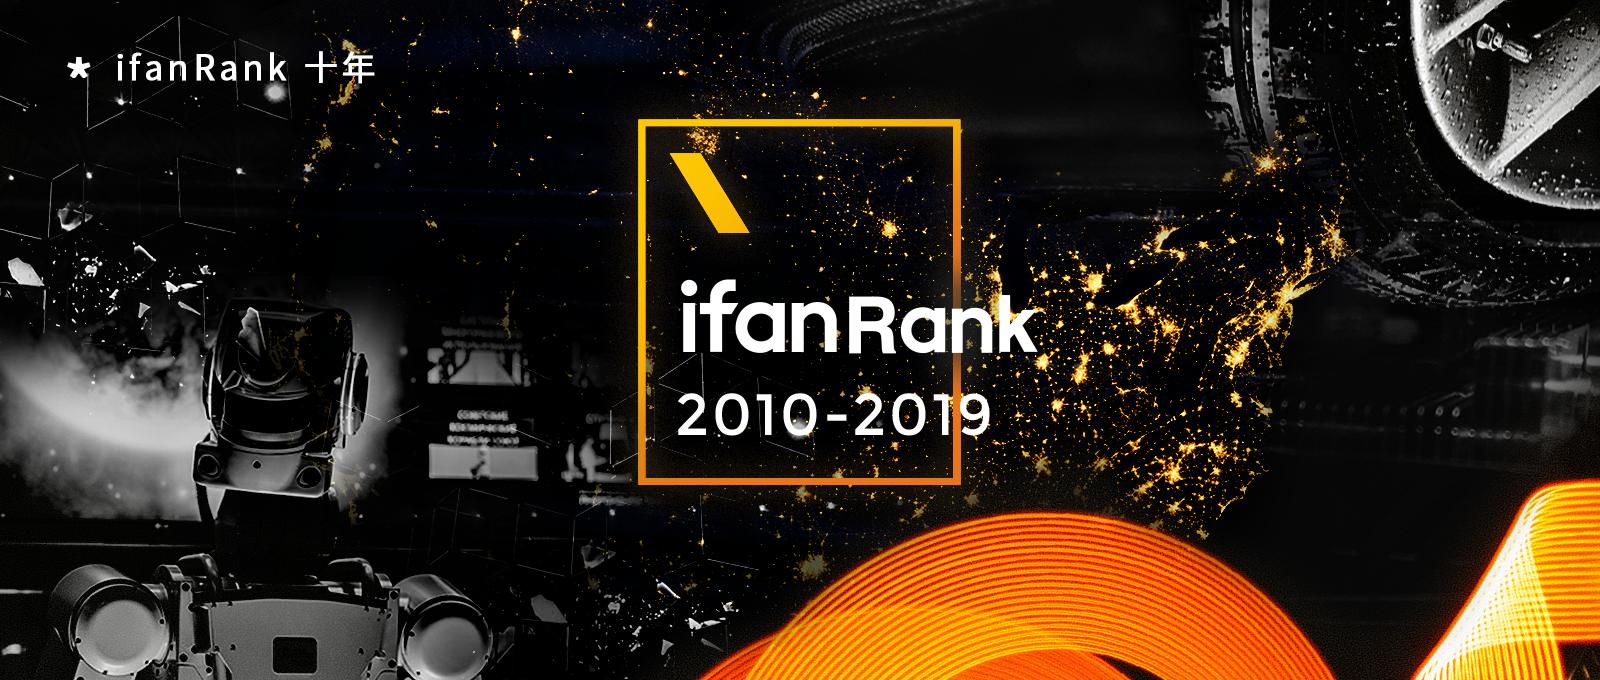 IfanRank十周年特别活动2030未来派对